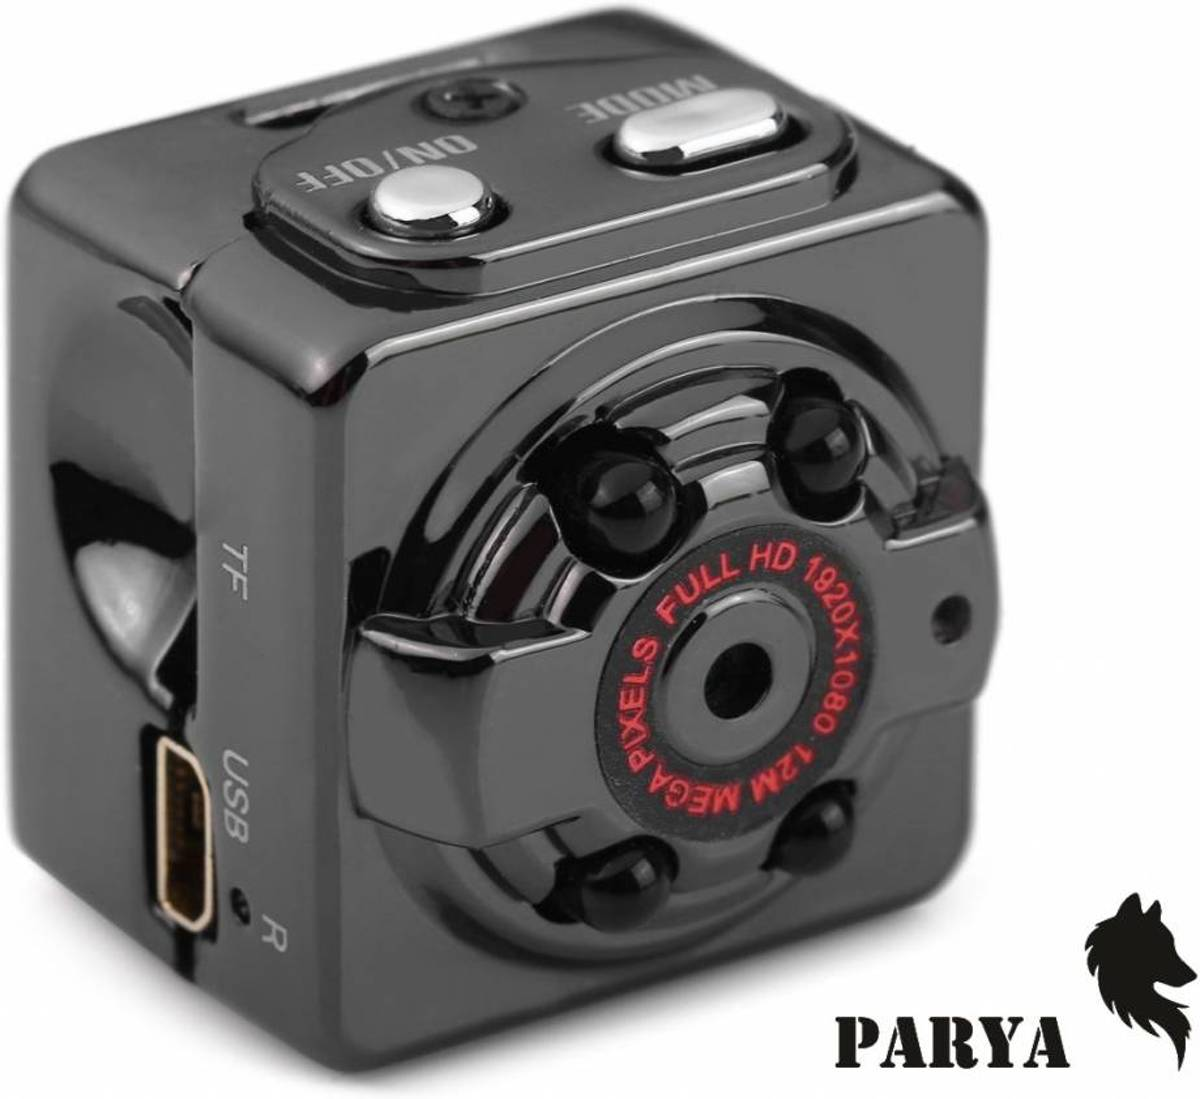 Parya - mini camera - aluminium kopen